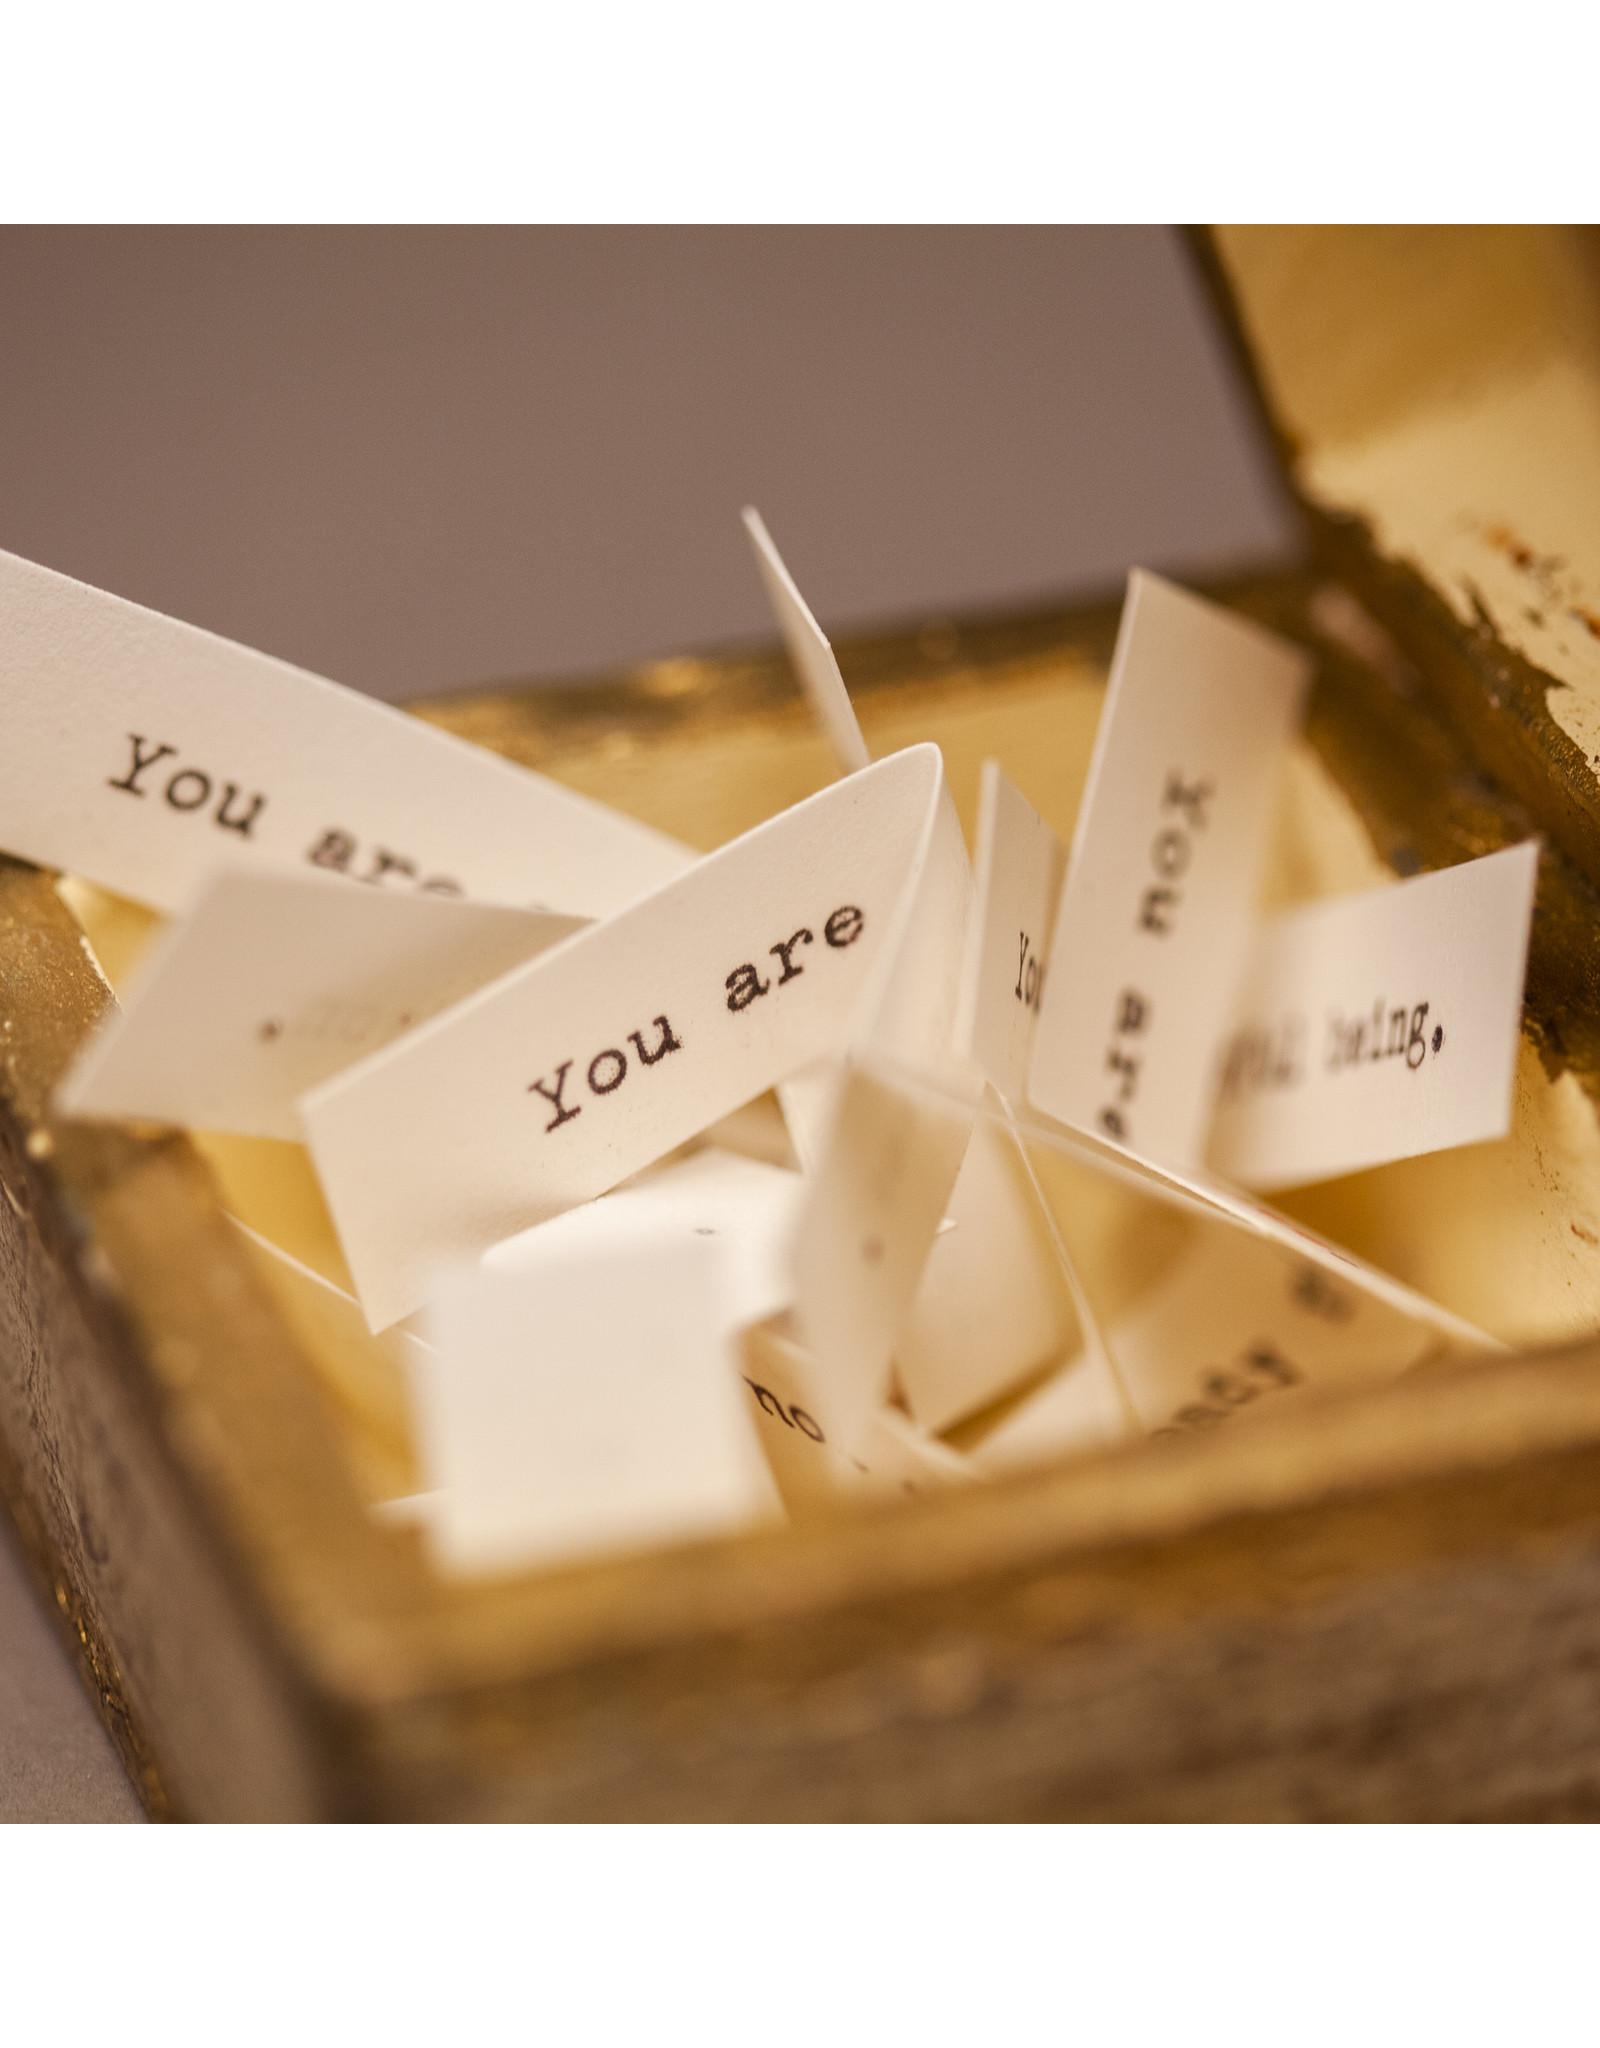 You Are Box - No. 2